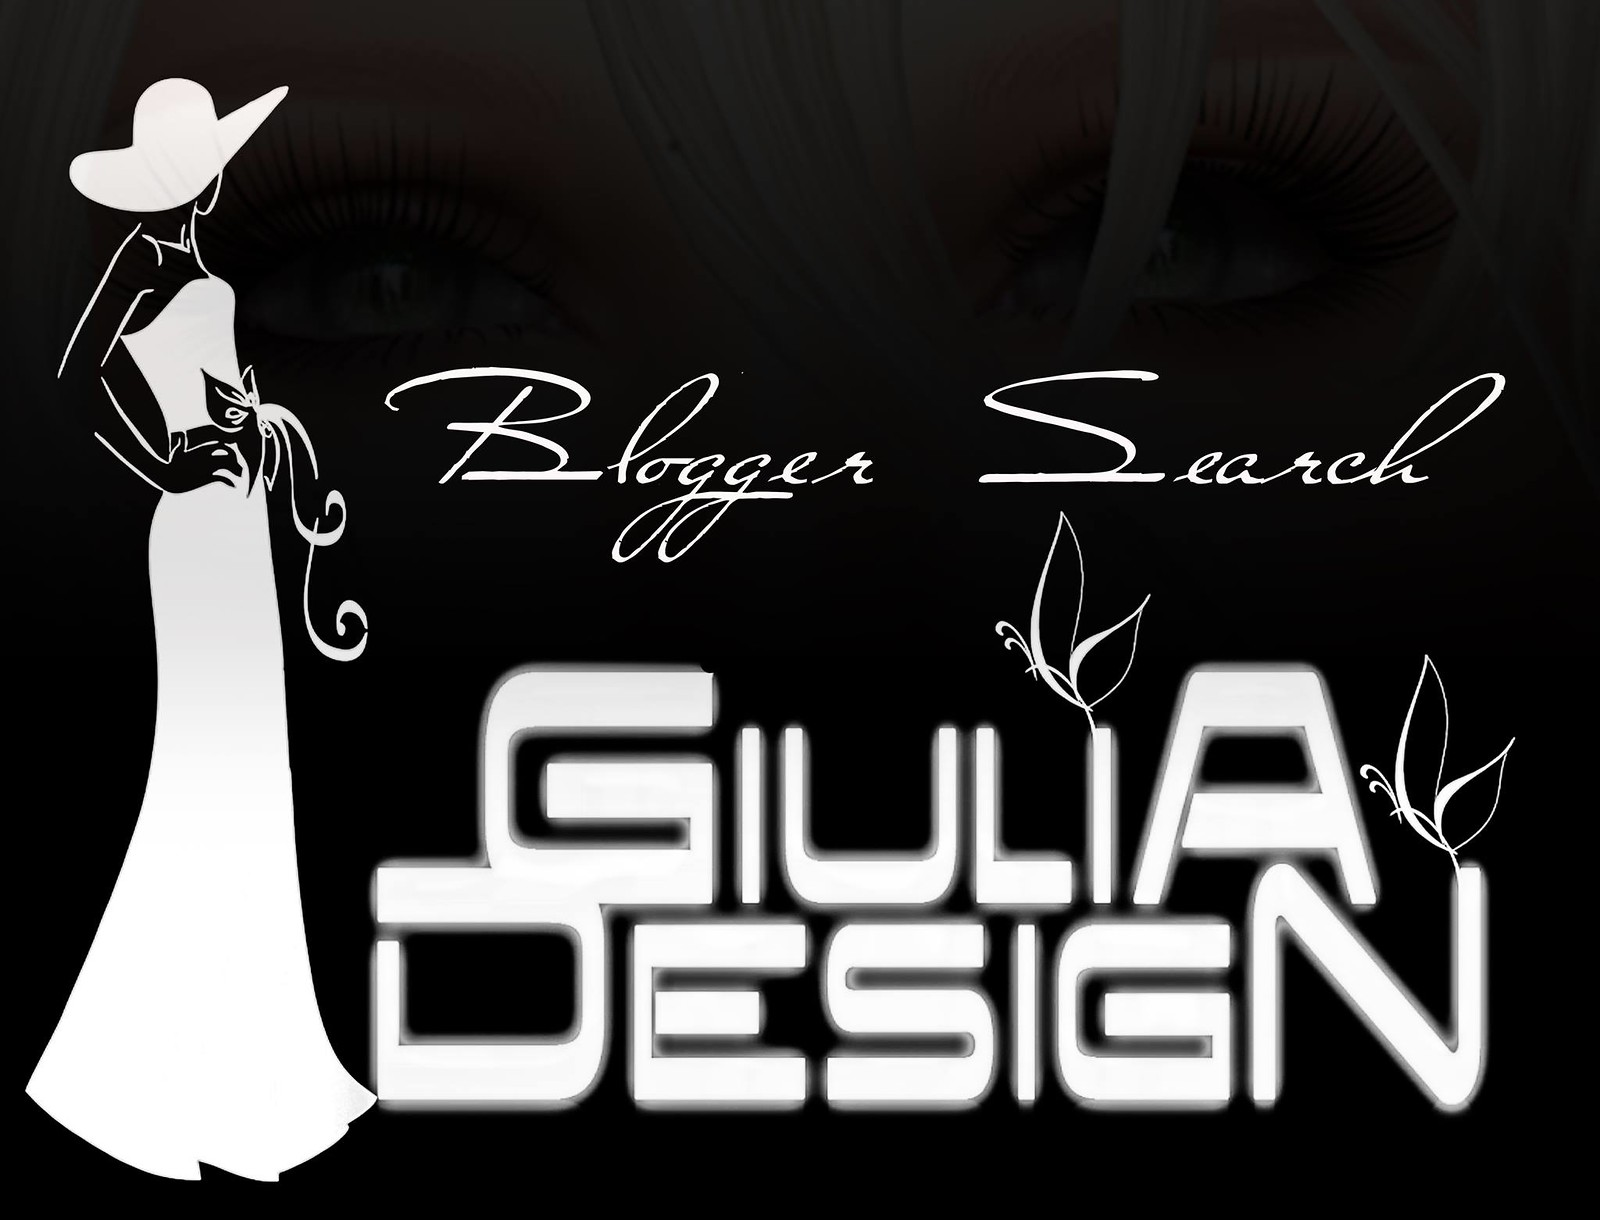 GIULIADESIGN - Blogger Search